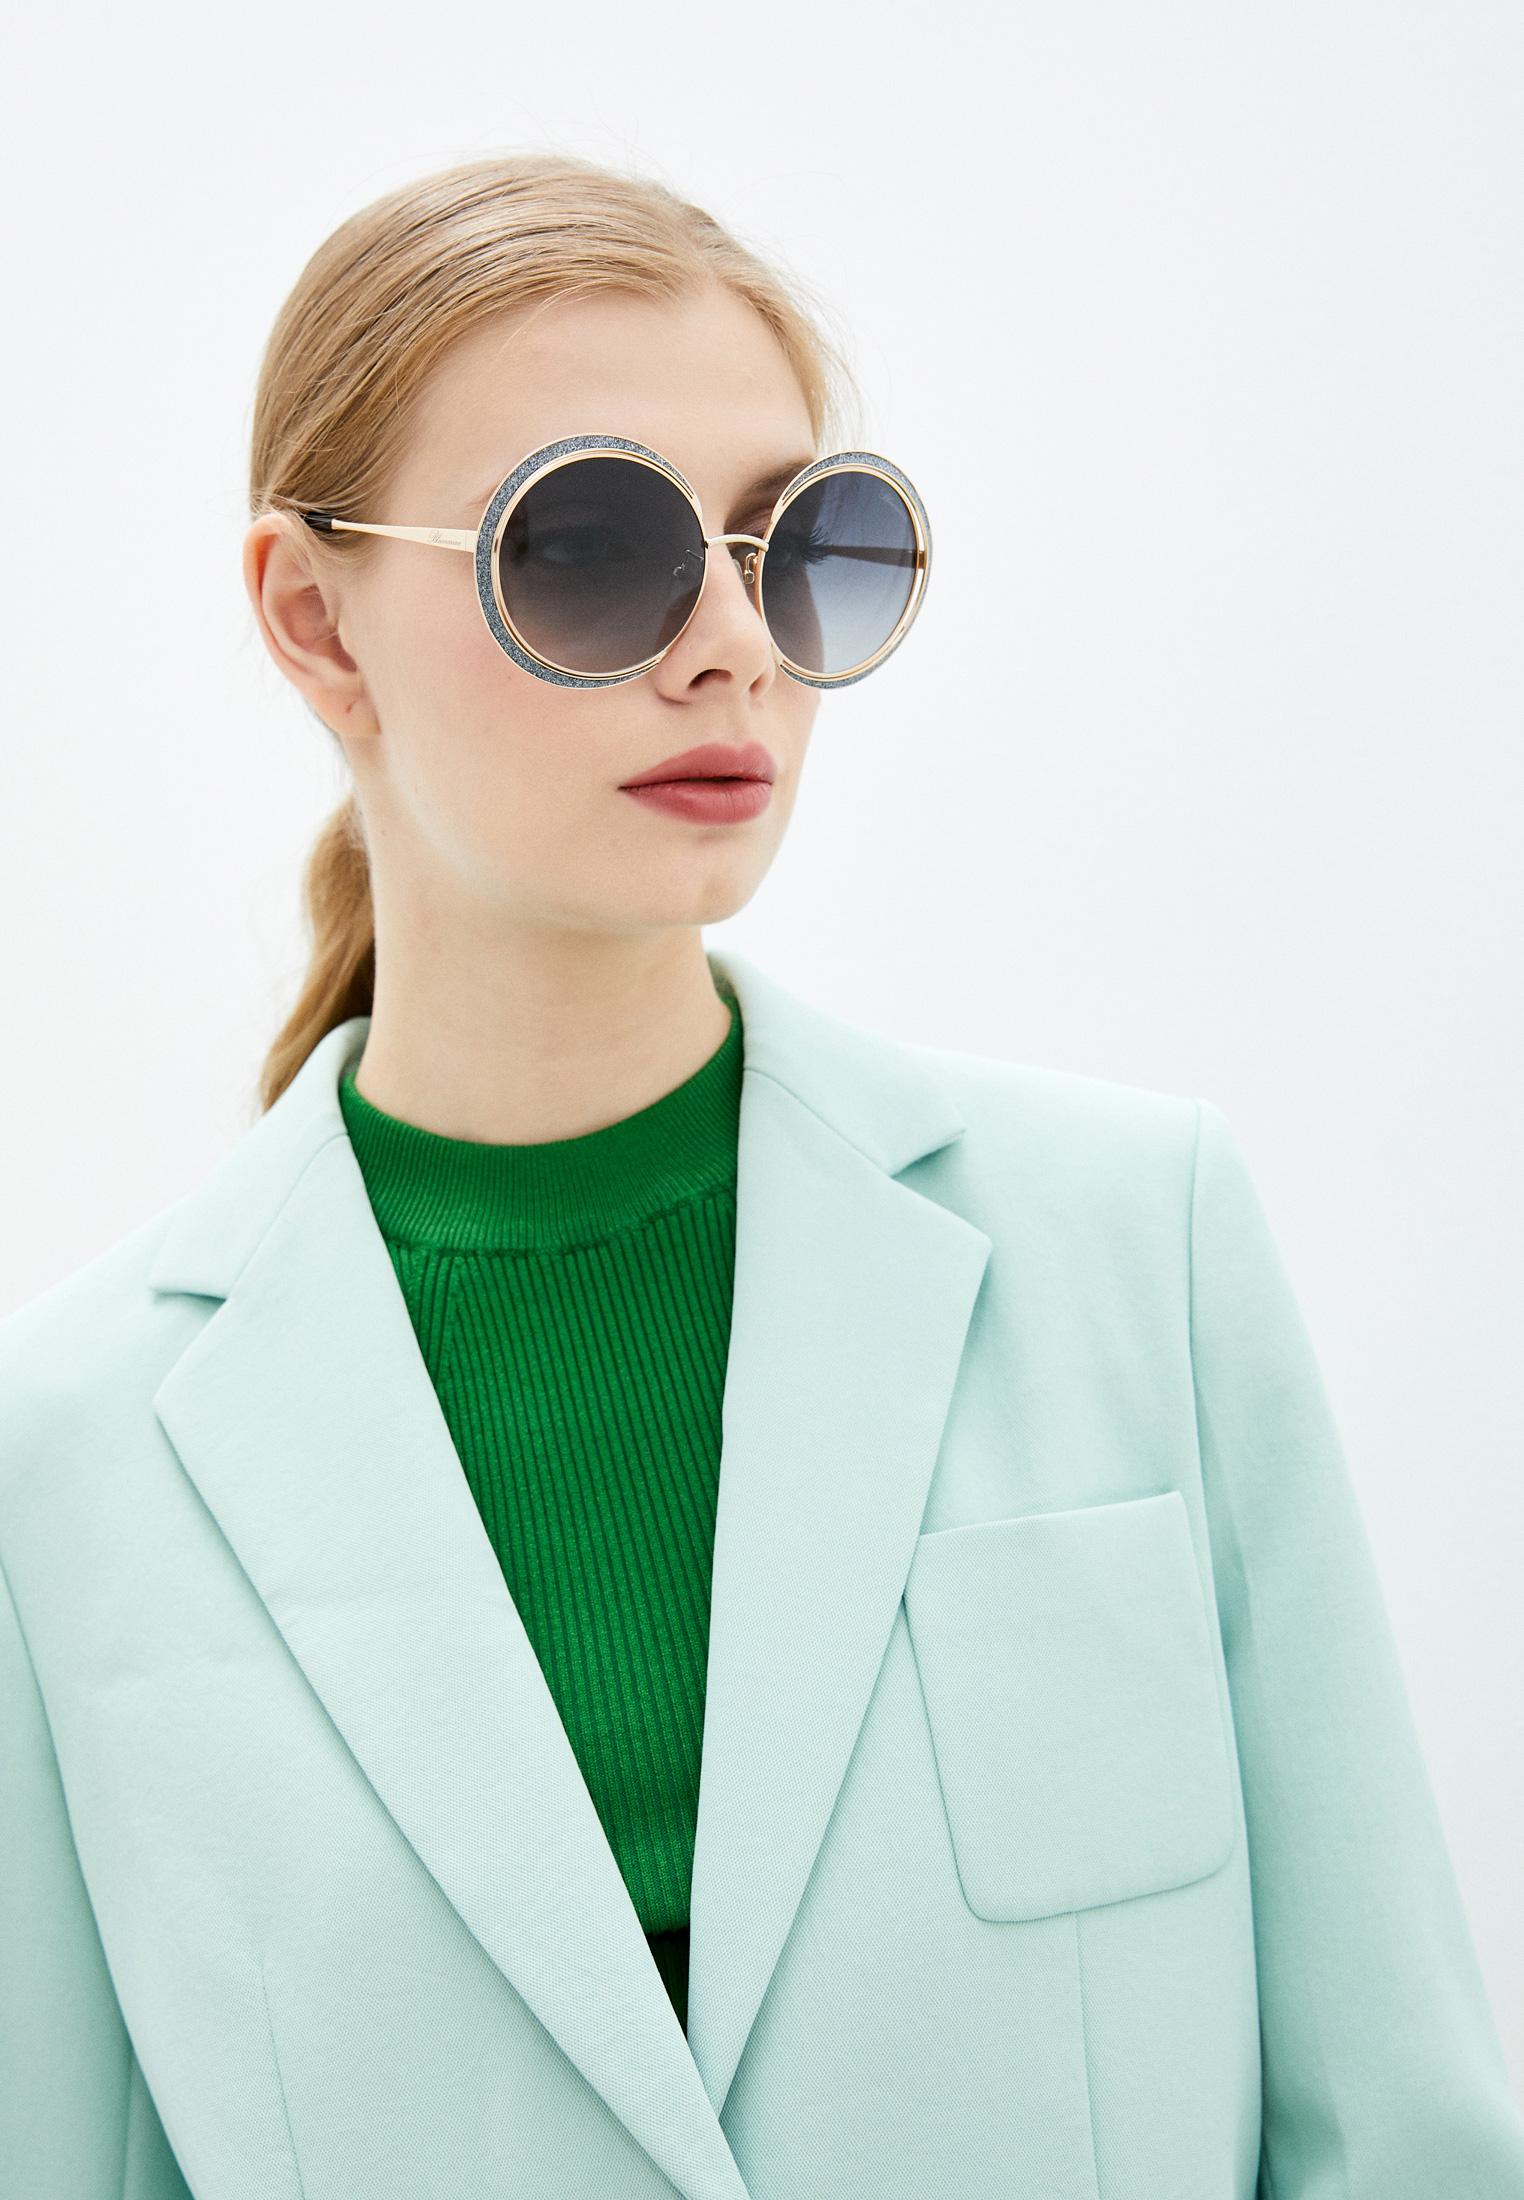 Женские солнцезащитные очки Blumarine Blumarine-121-300F: изображение 6